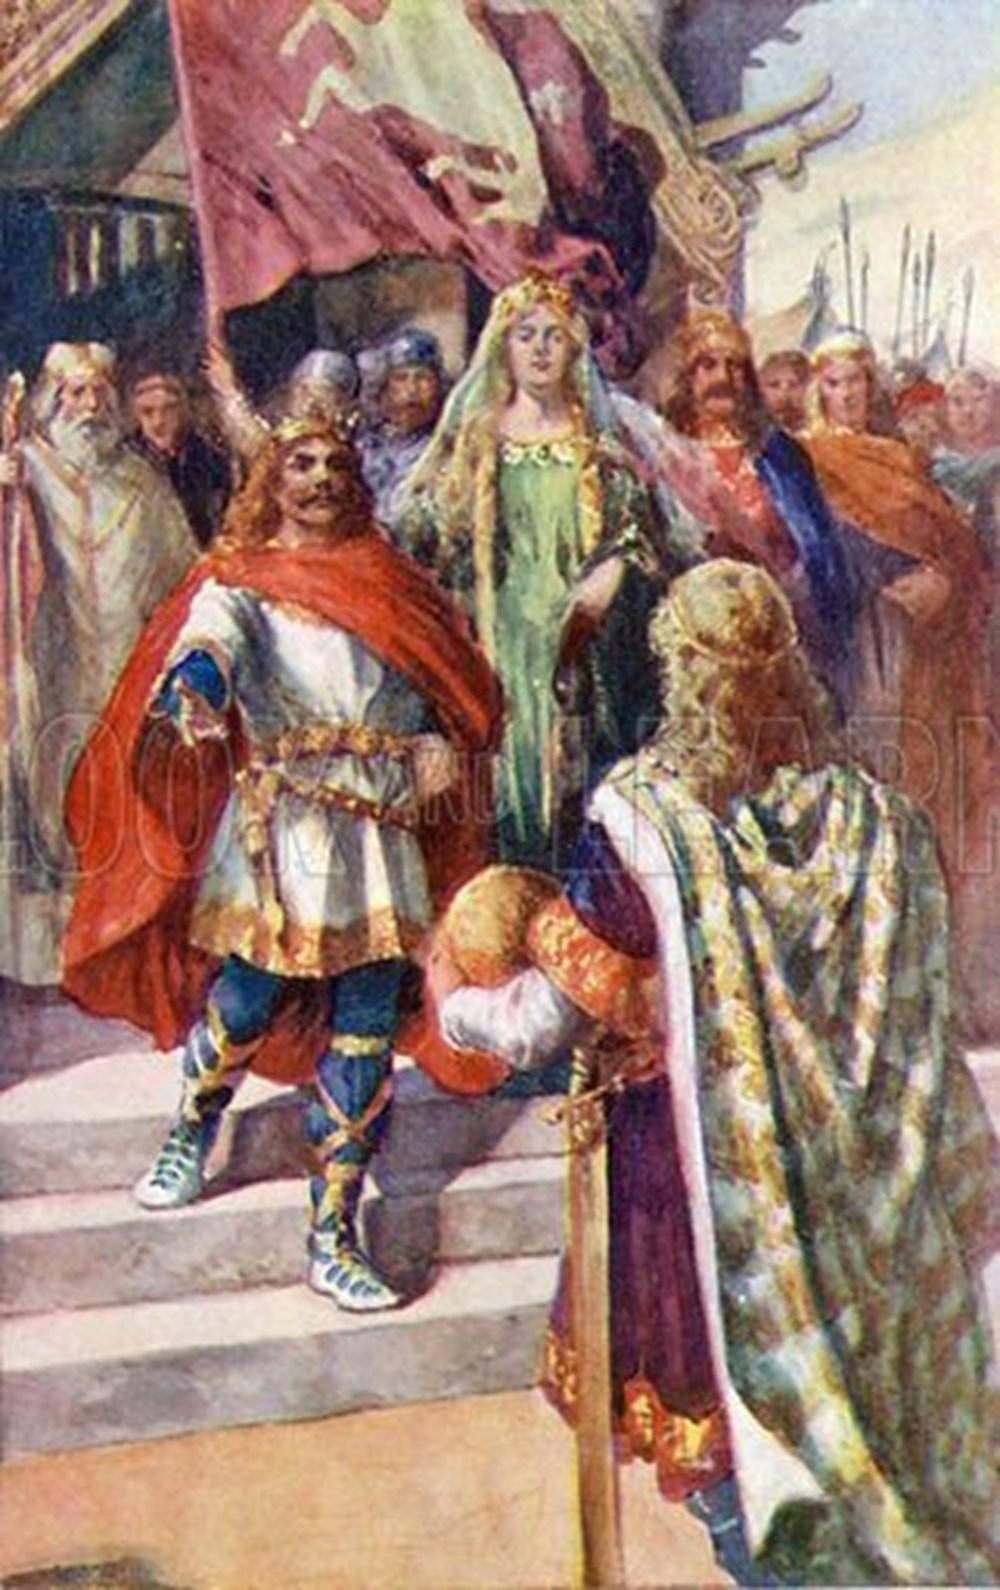 Orta Çağ'ın en güçlü kadınlarından biriydi: Mersiya Kraliçesi Cynethryth'in mezarı bulundu - 7